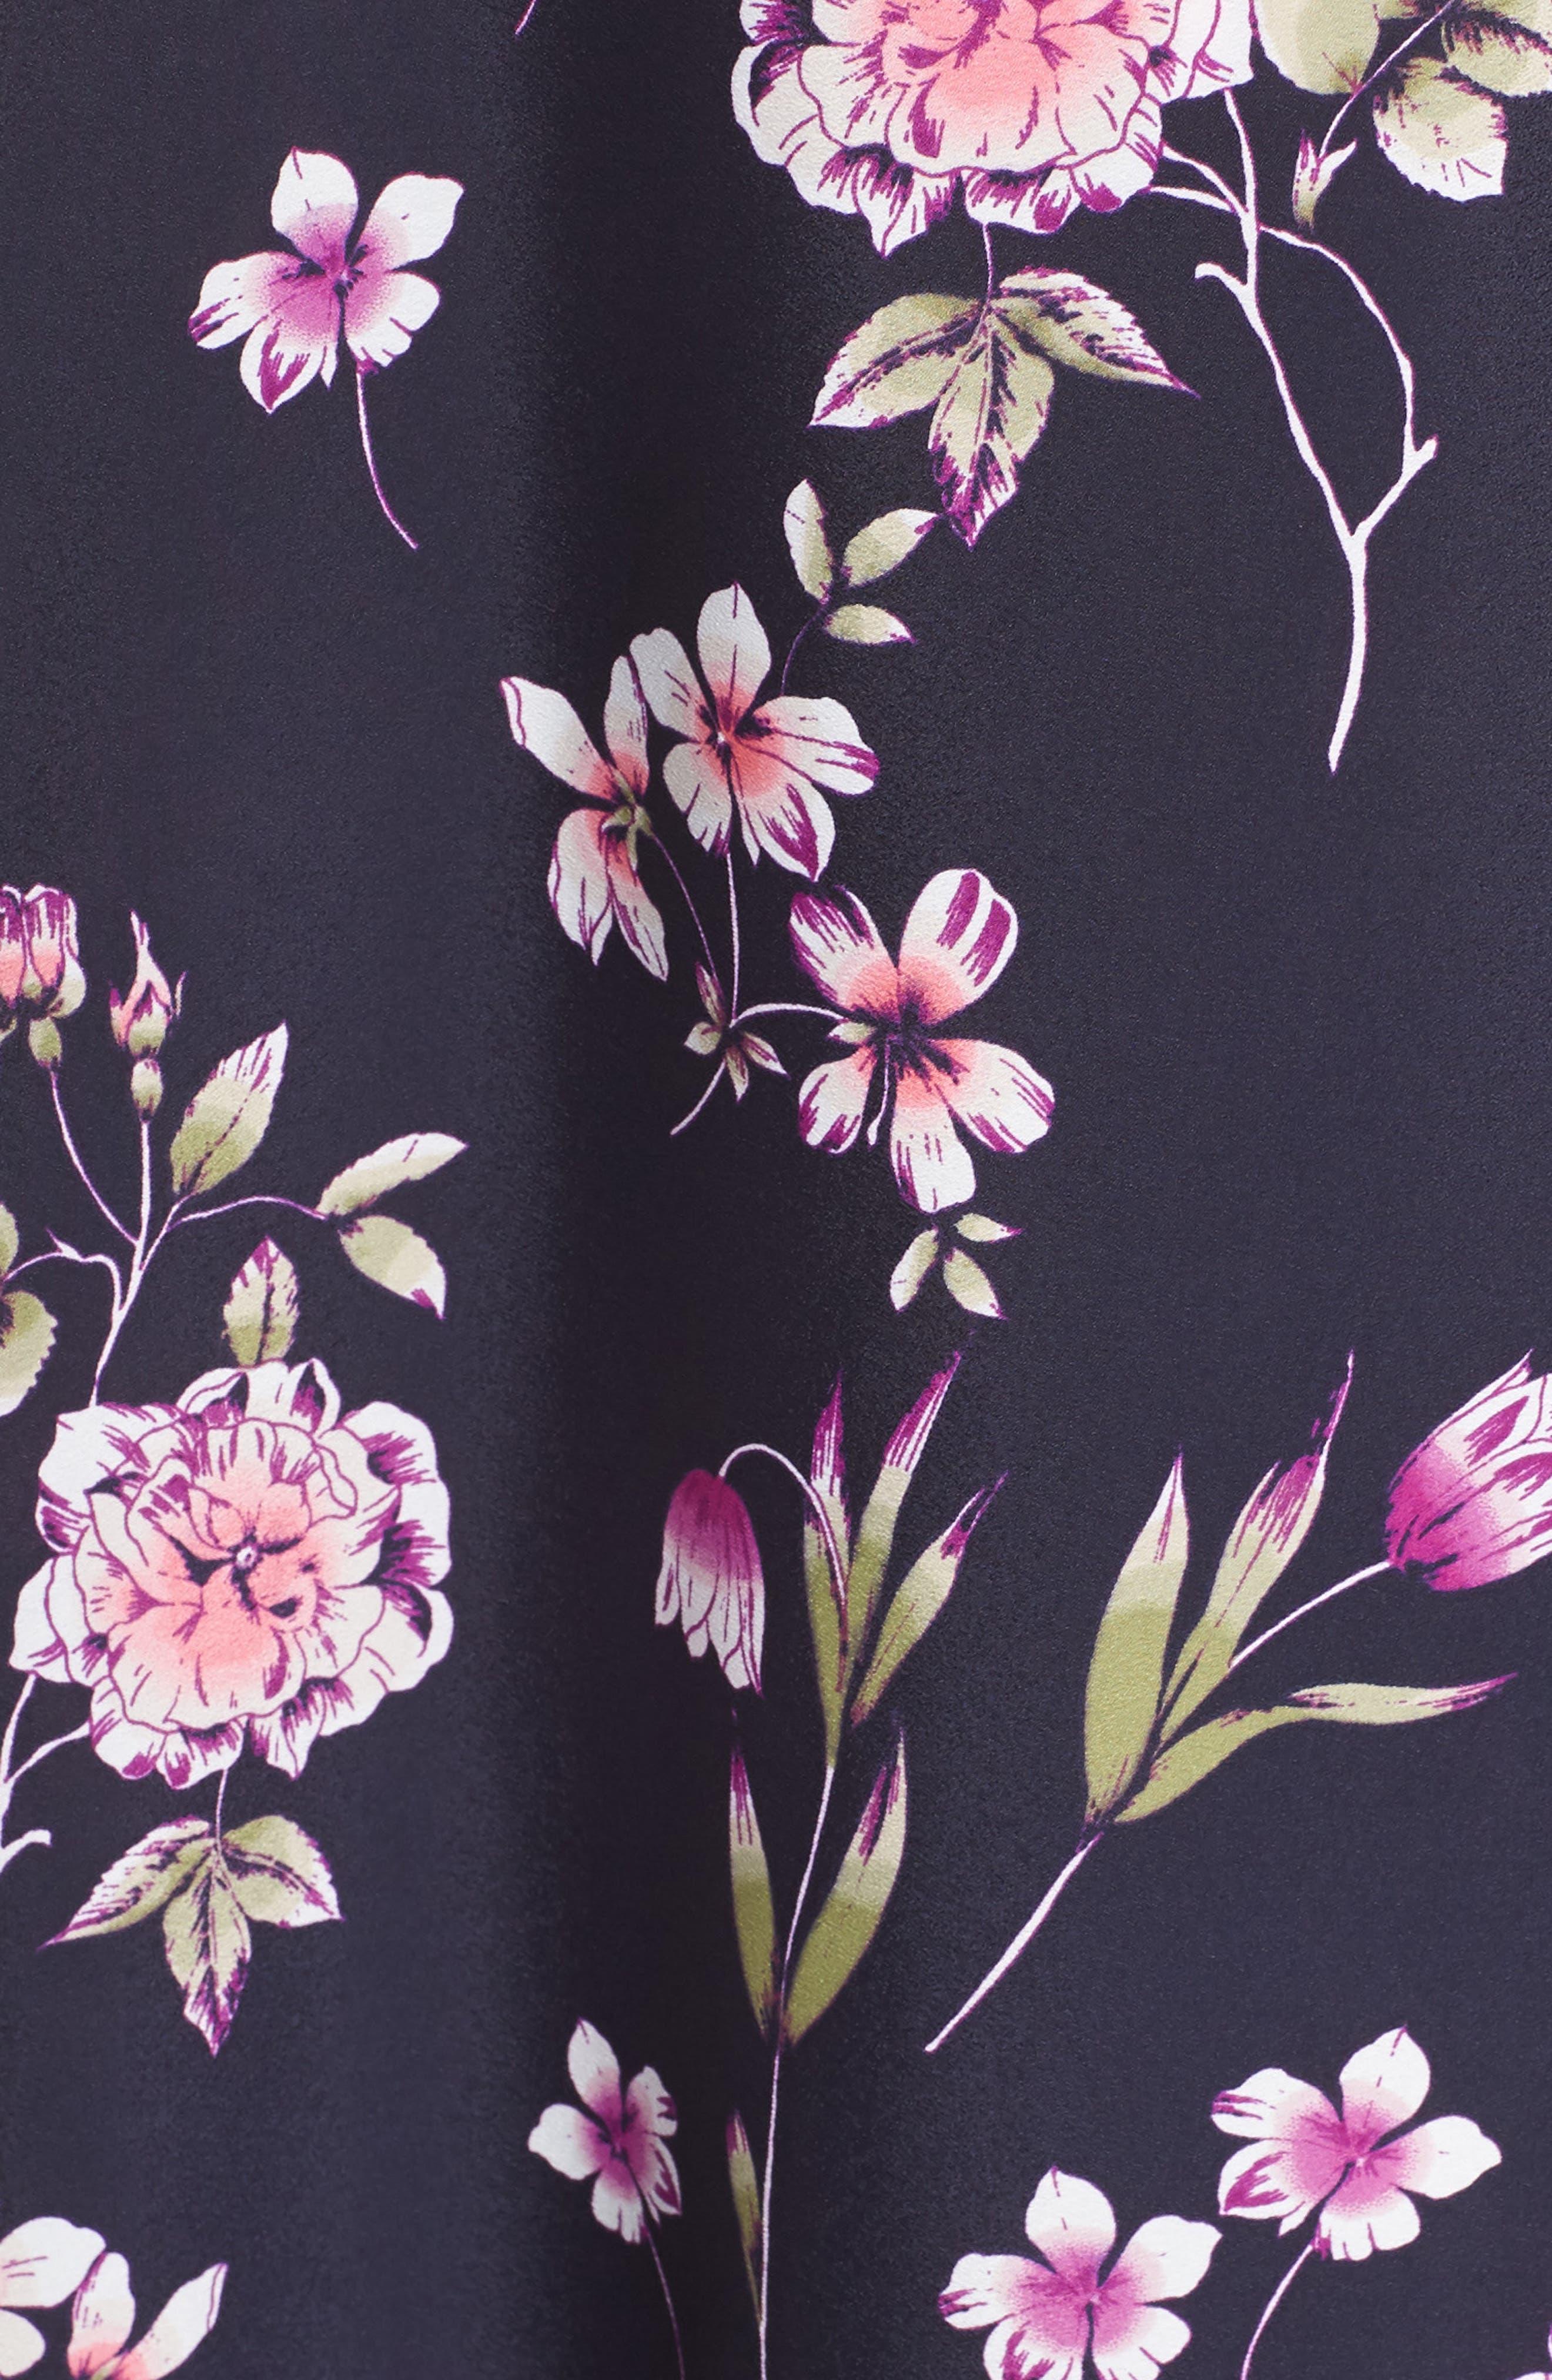 Floral Print Wrap Dress,                             Alternate thumbnail 6, color,                             410